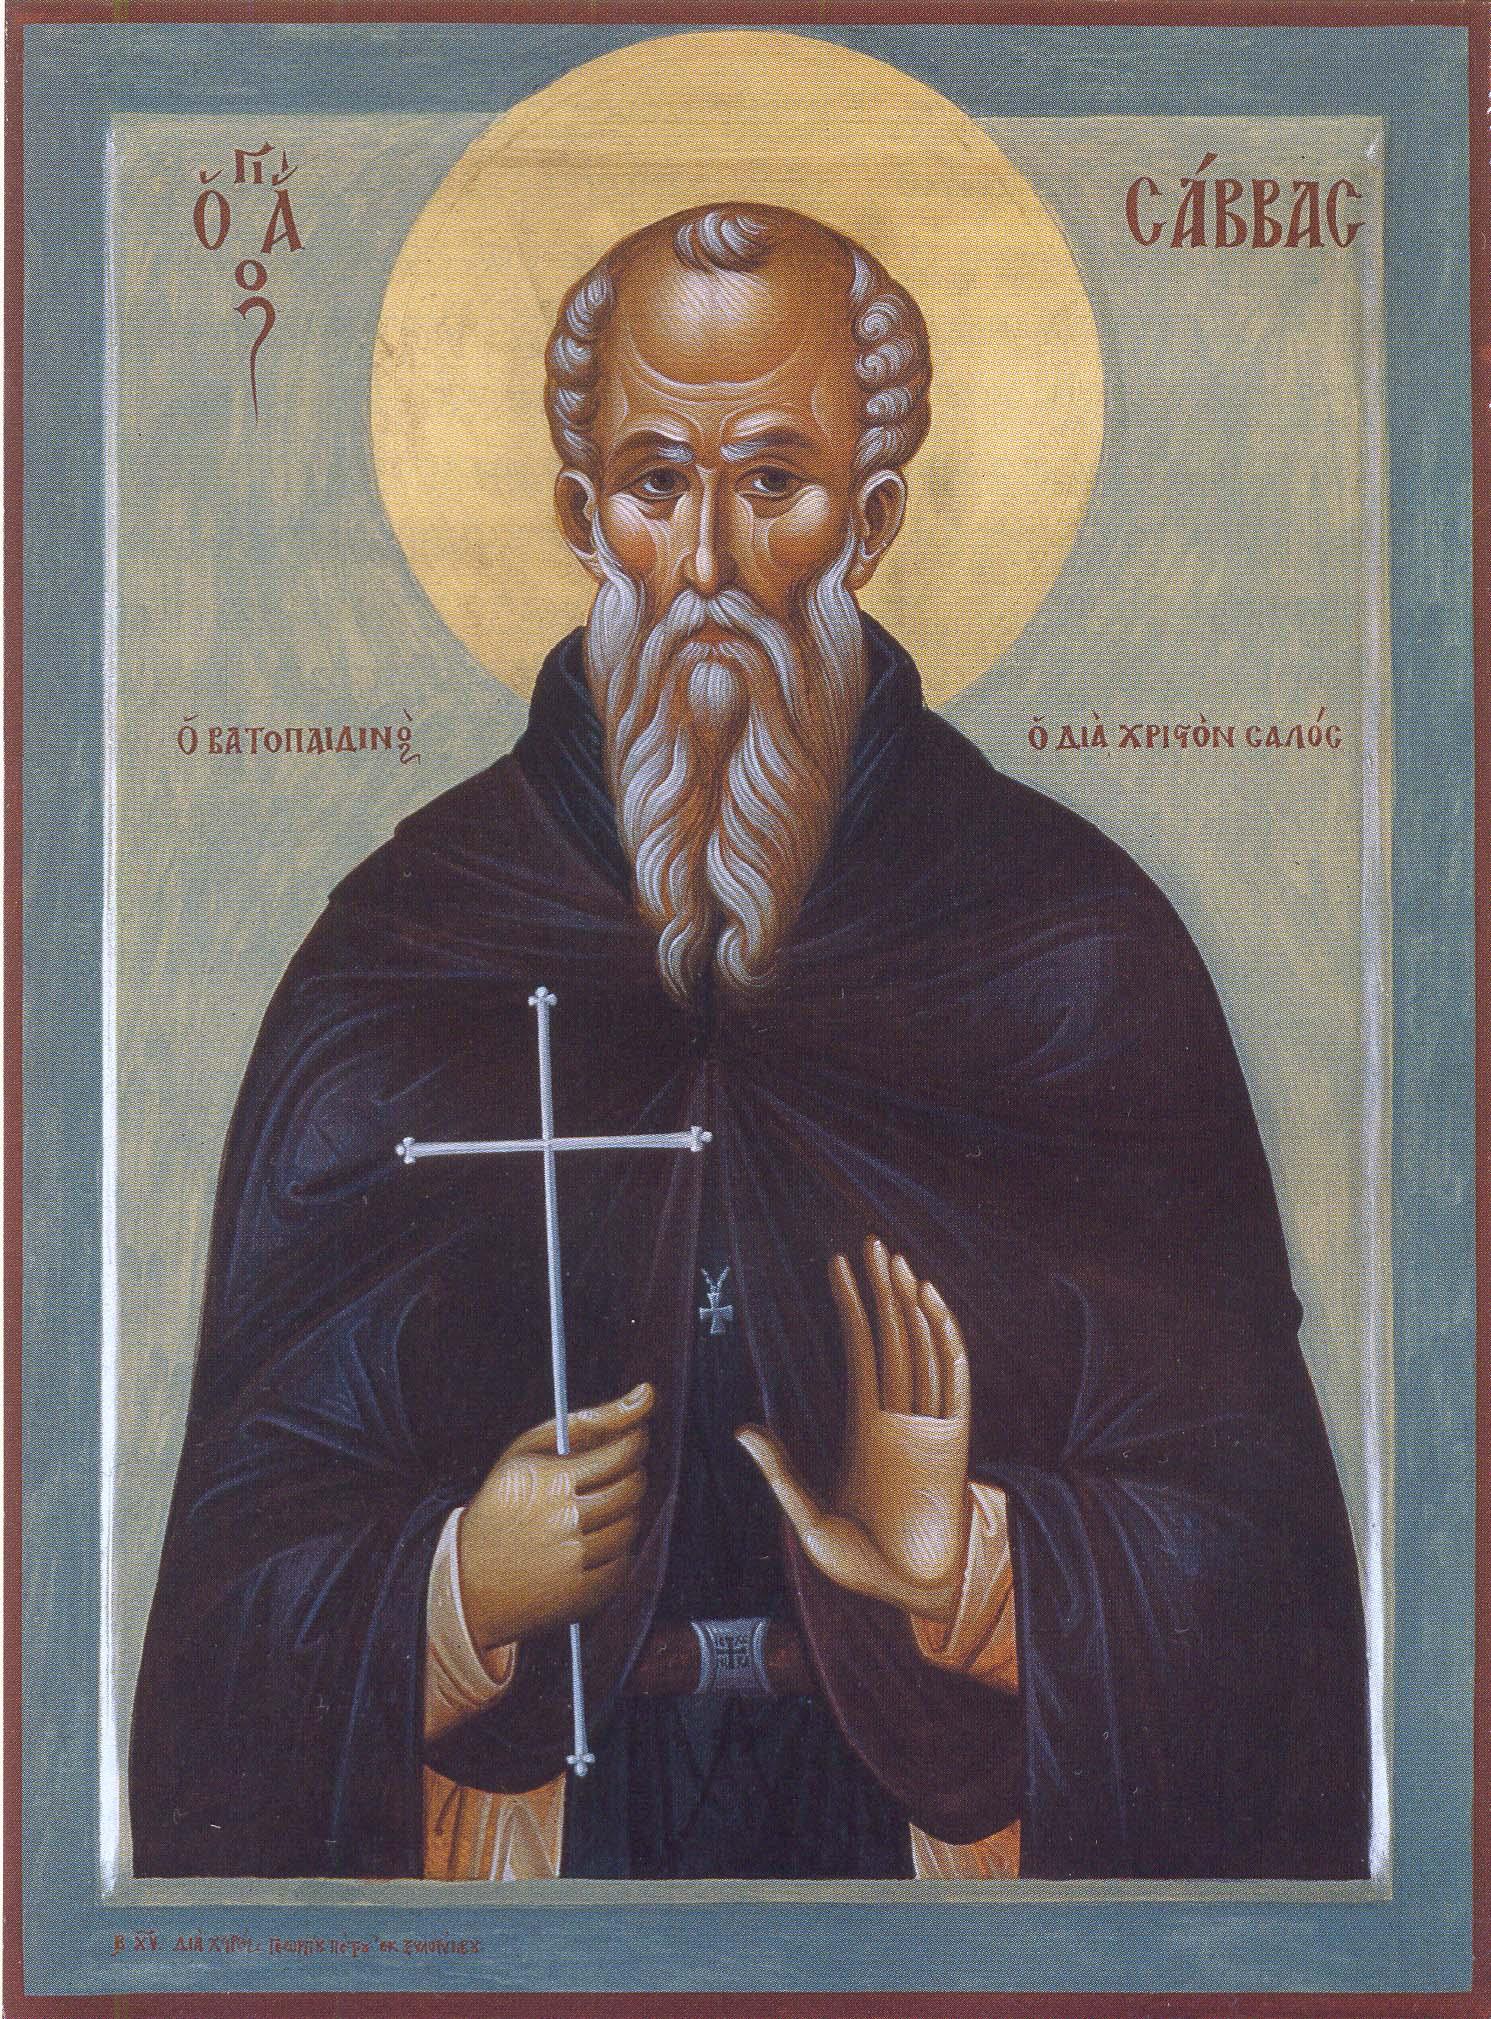 """Ο Άγιος Σάββας ο Βατοπαιδινός. Σύγχρονη κυπριακή φορητή εικόνα. Από το βιβλίο του μοναχού Μωυσέως Αγιορείτου, """"Βατοπαιδινό Συναξάρι""""."""